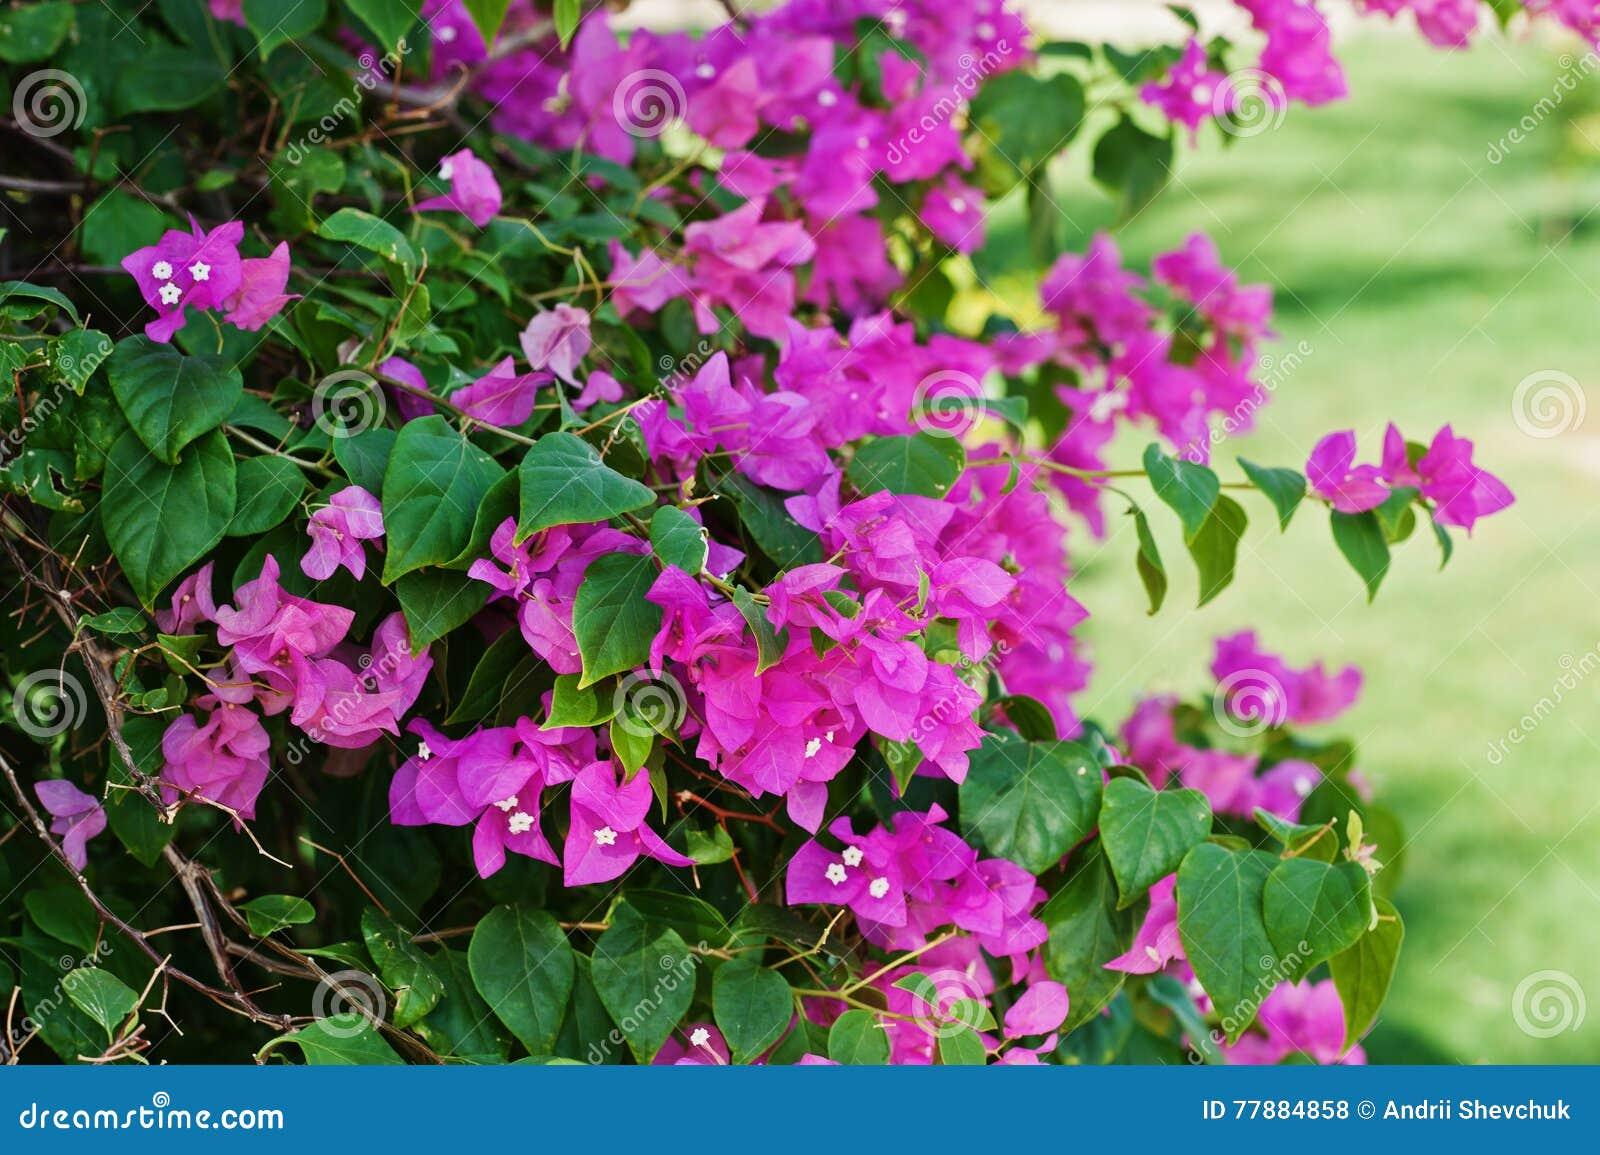 Colorido De La Flor Y De La Hoja De La Buganvilla De La Flor Foto de archivo